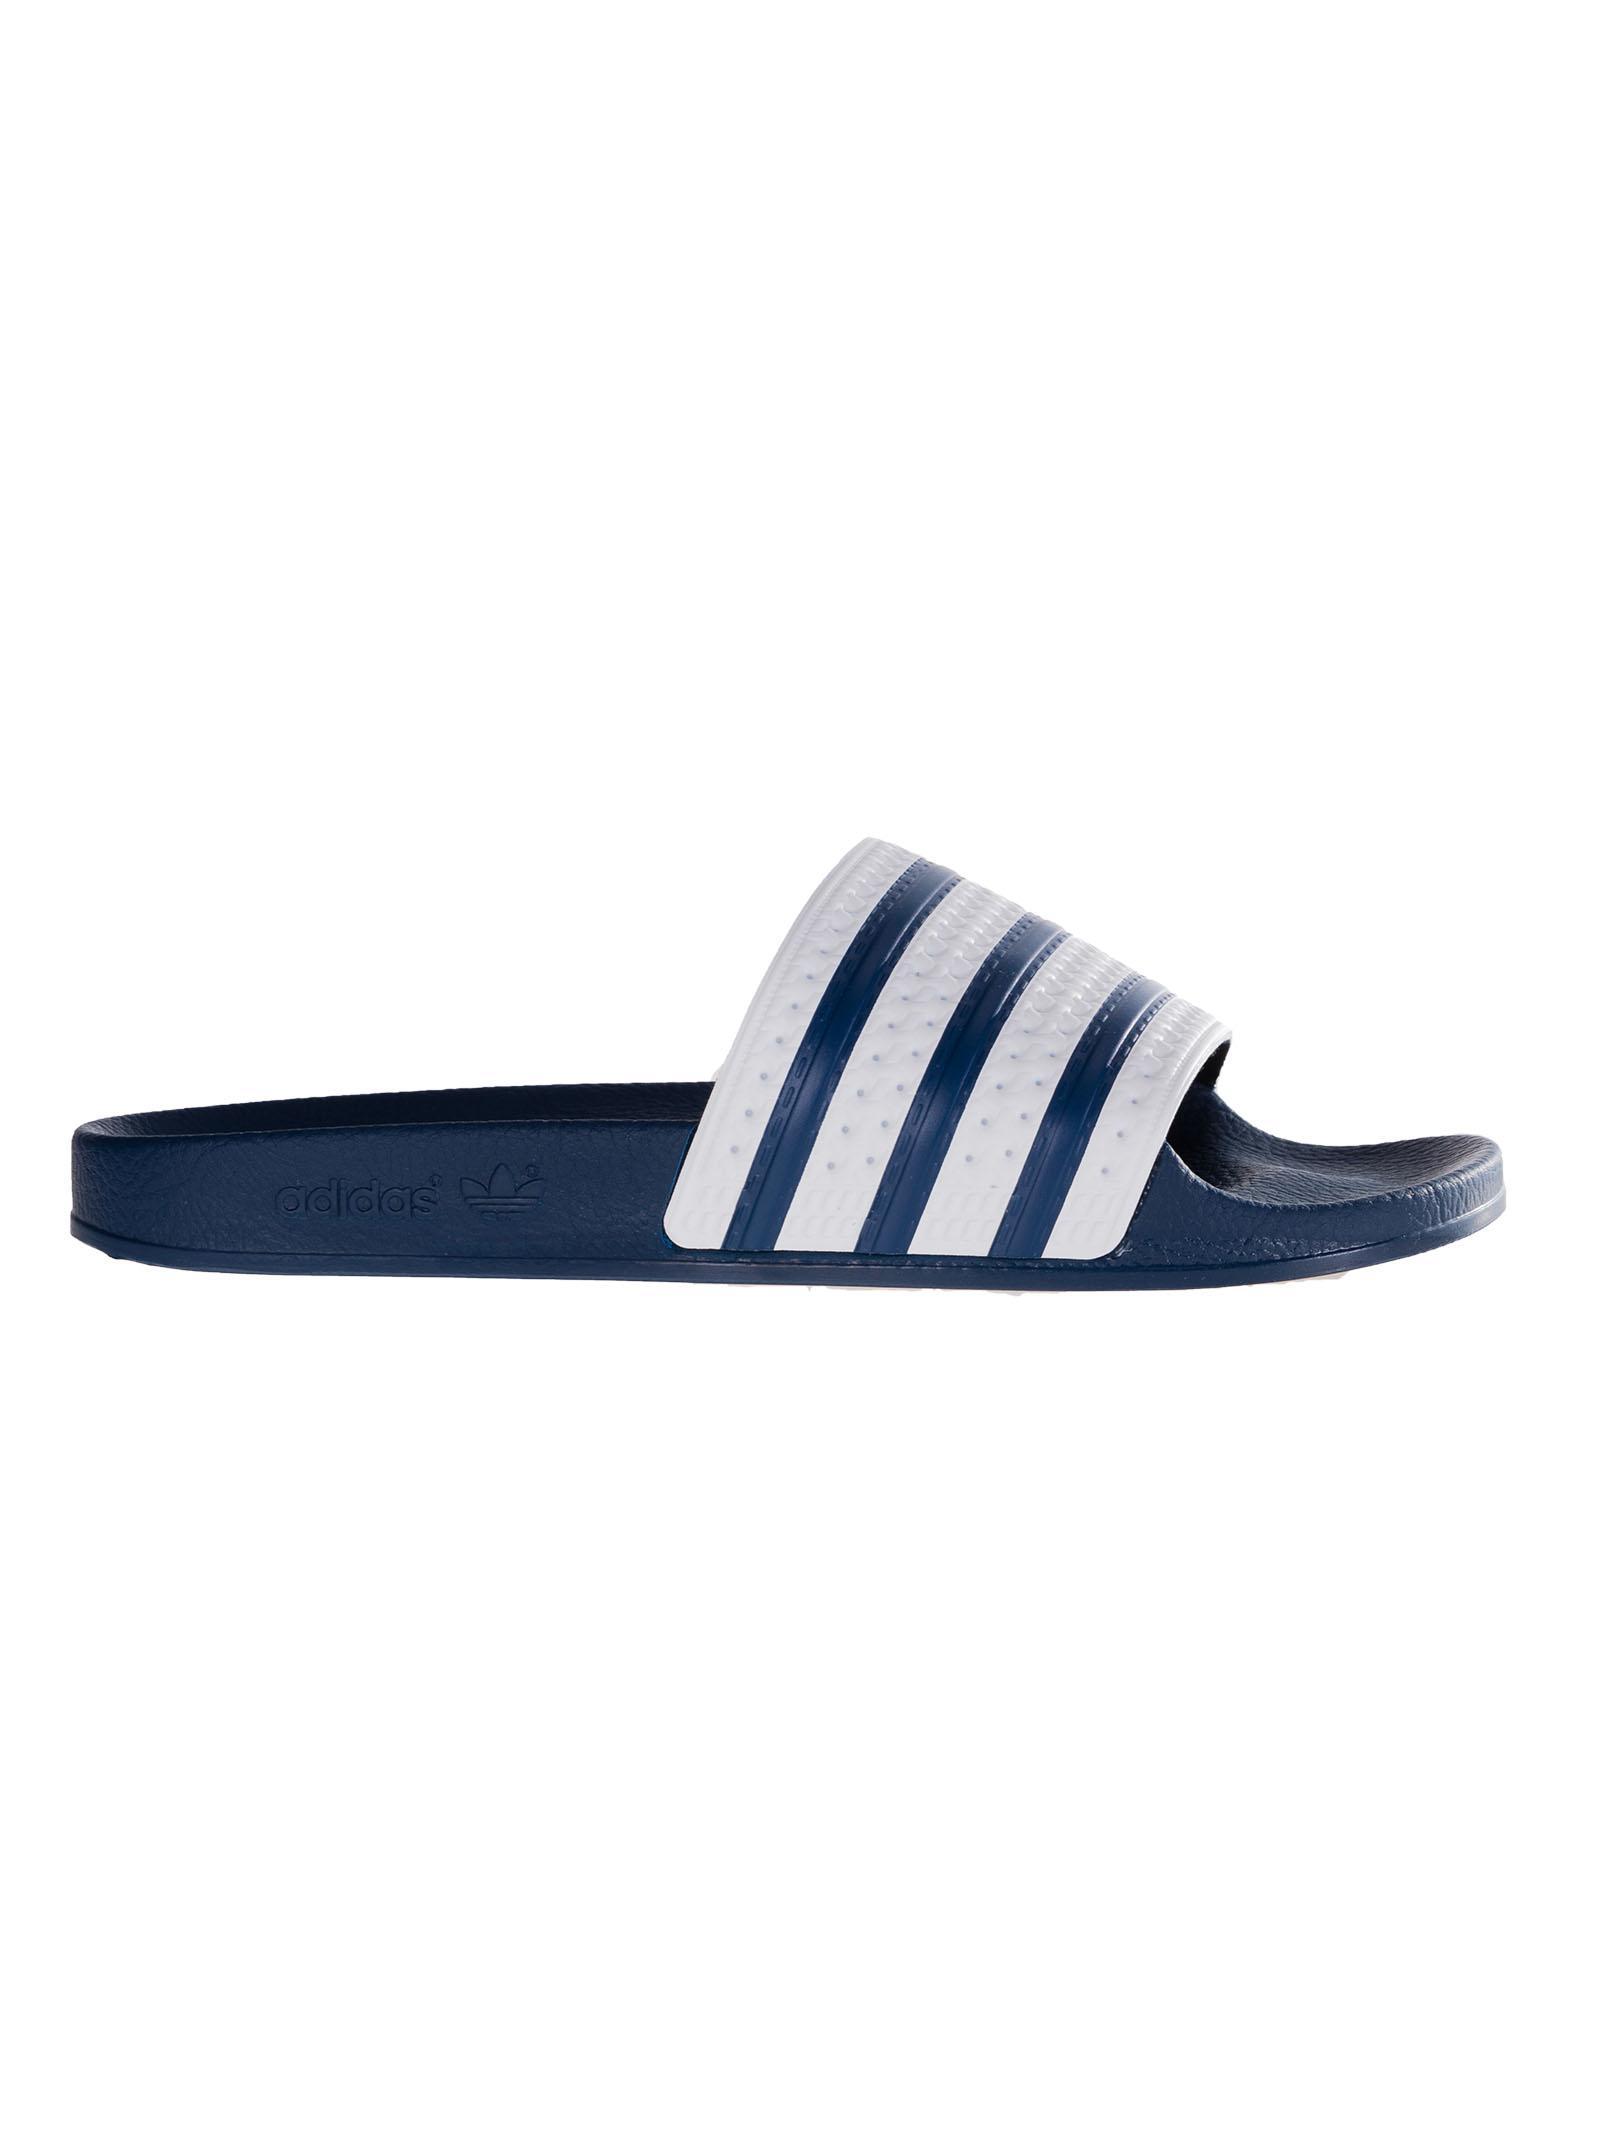 new styles 73b7d 5b0d3 adidas. Mens Blue Adilette